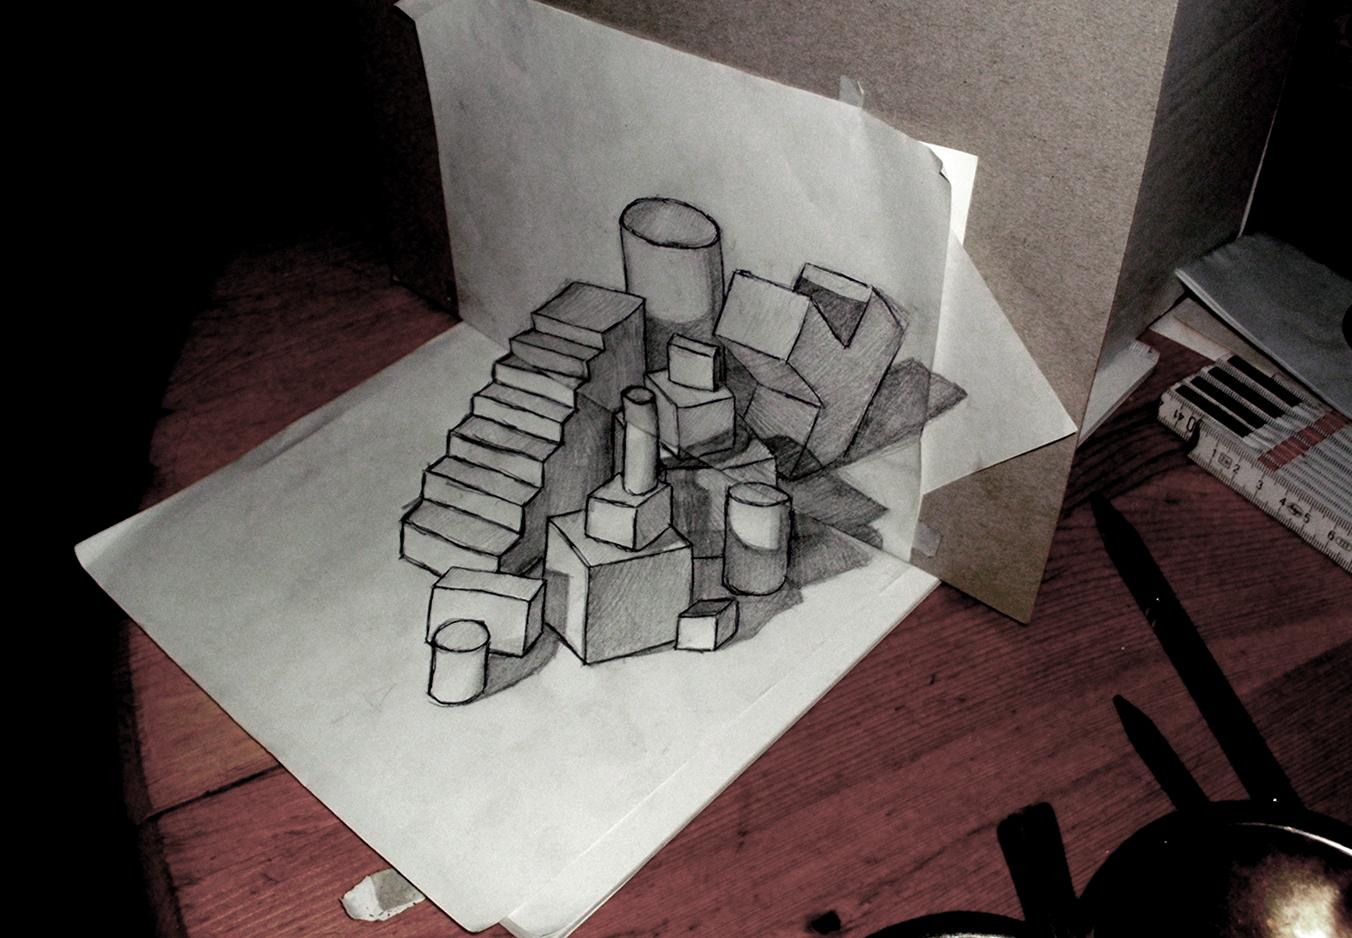 3D-Shapes by FireflyAlpha on DeviantArt